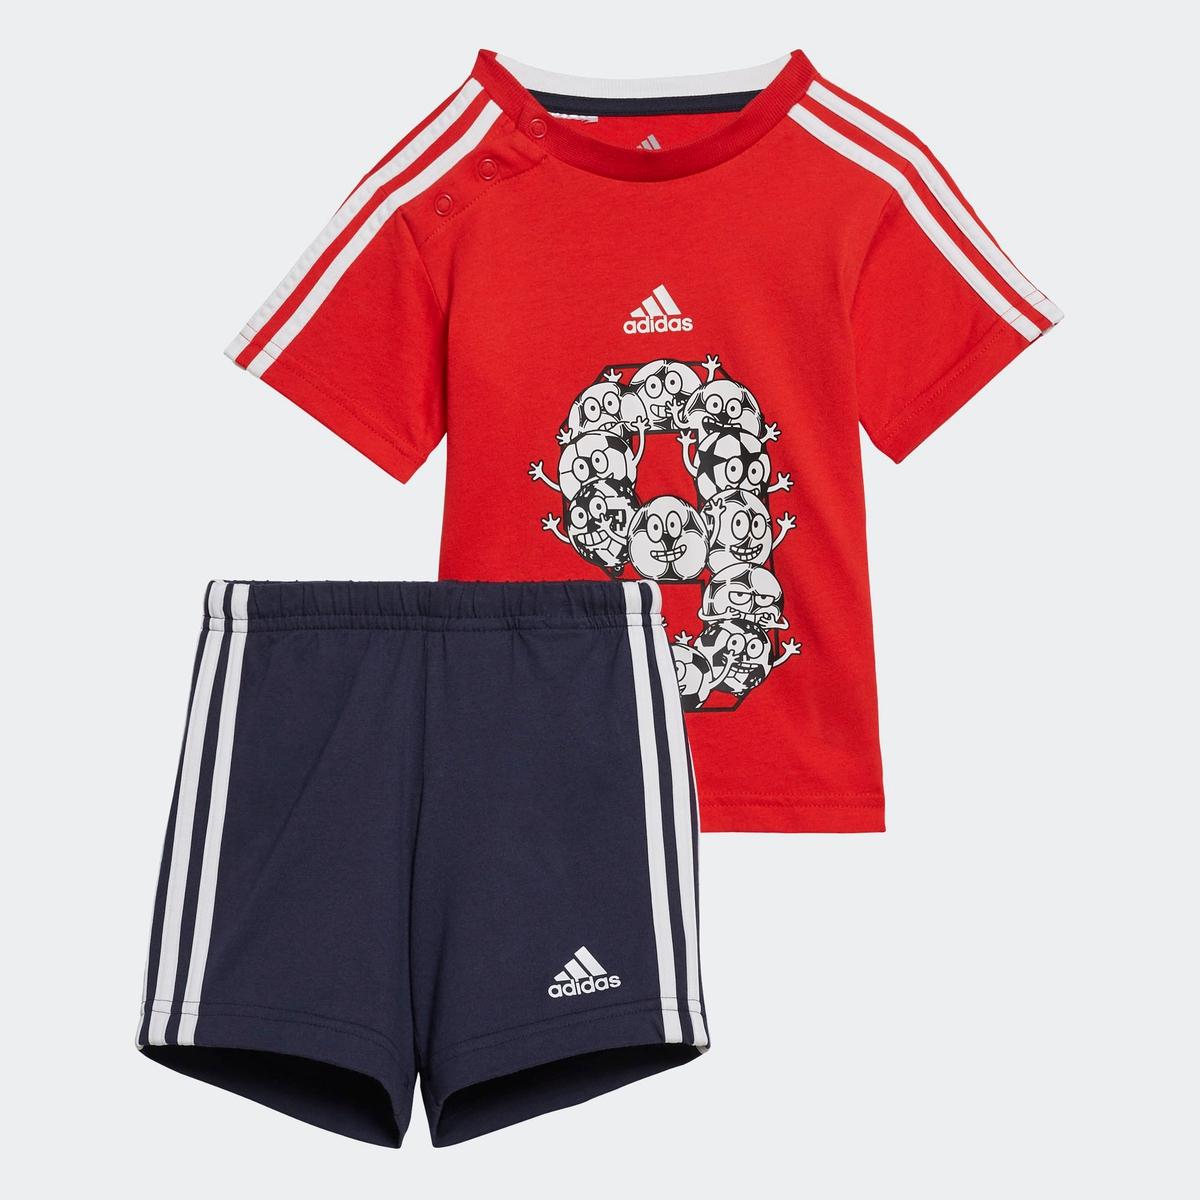 Rød Blå Adidas 3S SP Sett